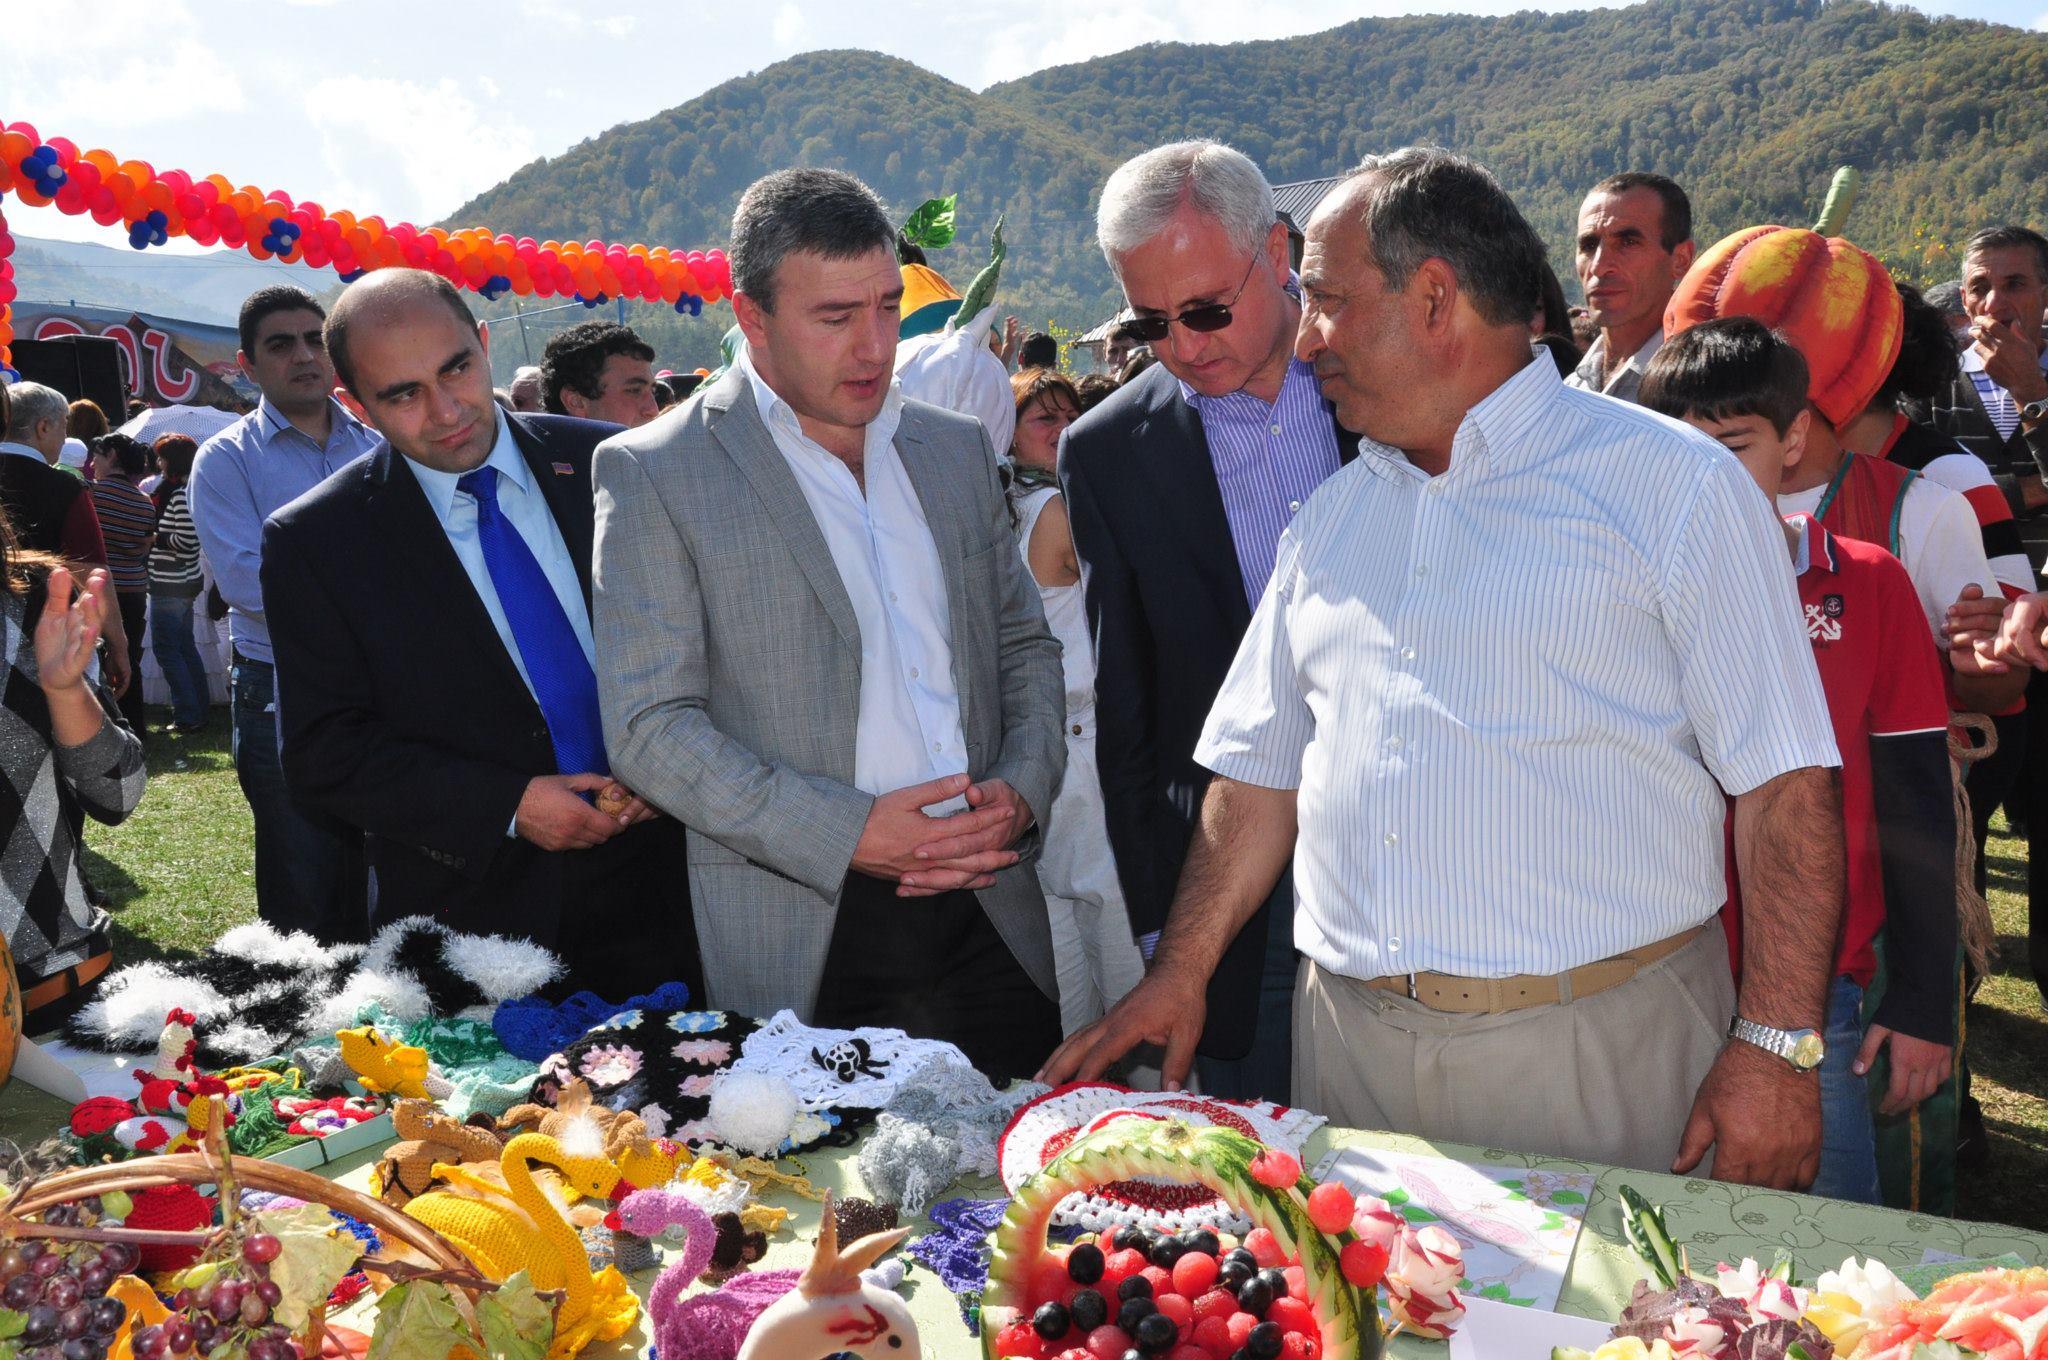 Բերքի տոն Գյուլագարակ գյուղում. Լոռի